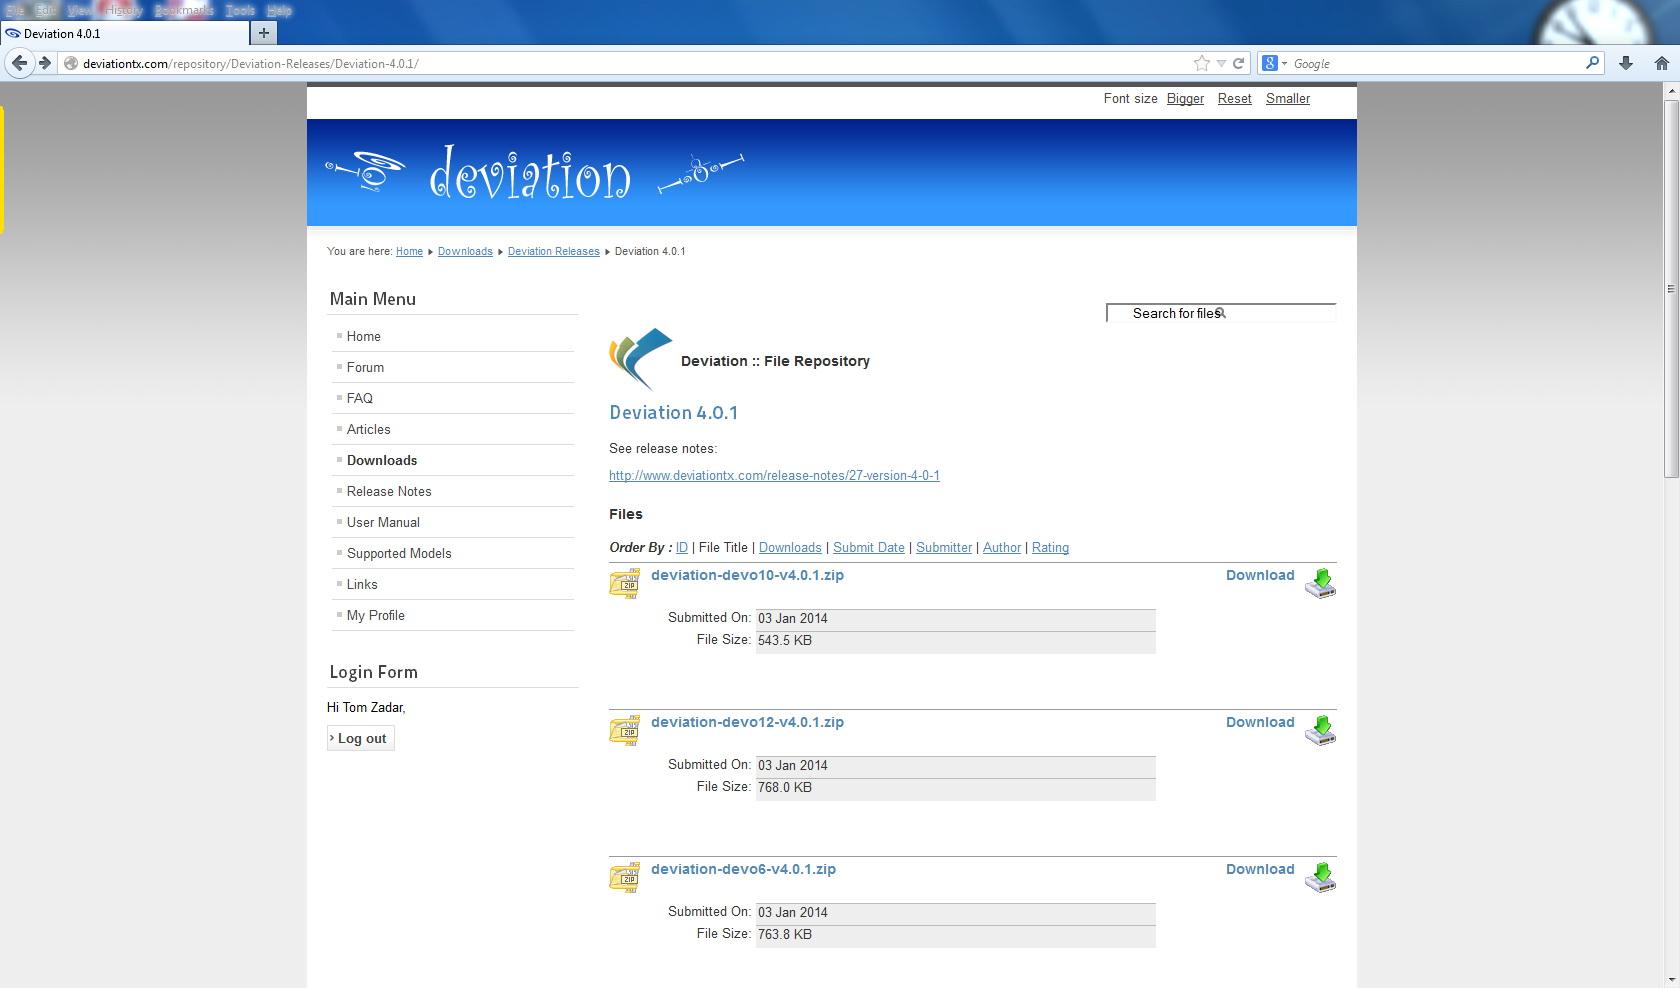 Deviation - Deviation Emulators - Download/Unzip/Start Program